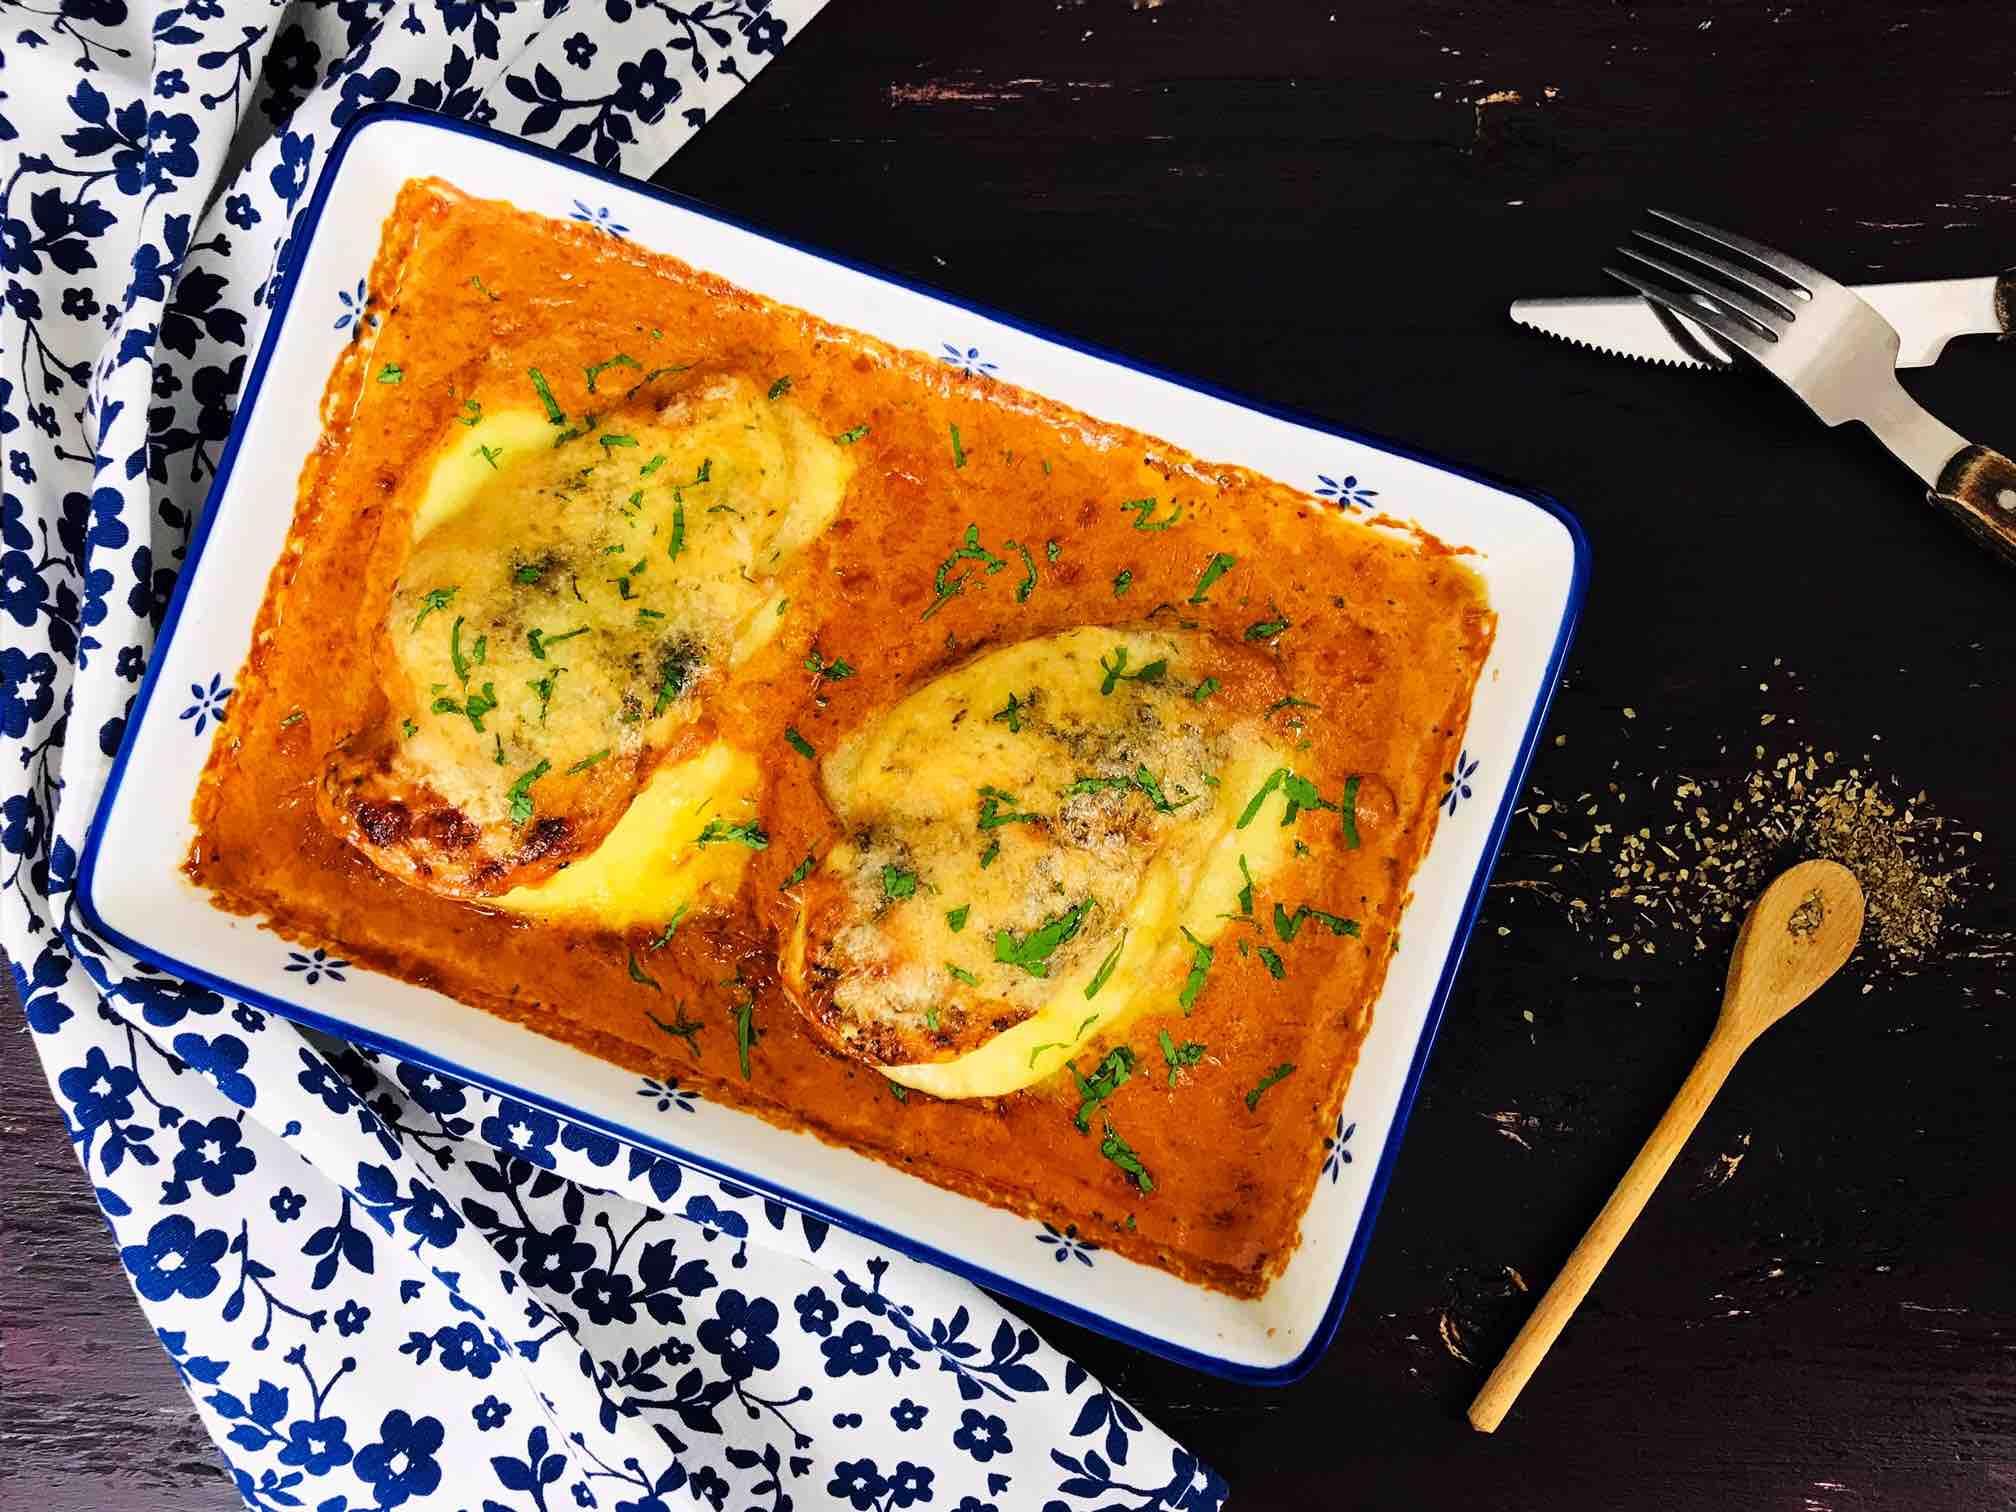 Piept de pui umplut cu mozzarella in sos de ardei copti